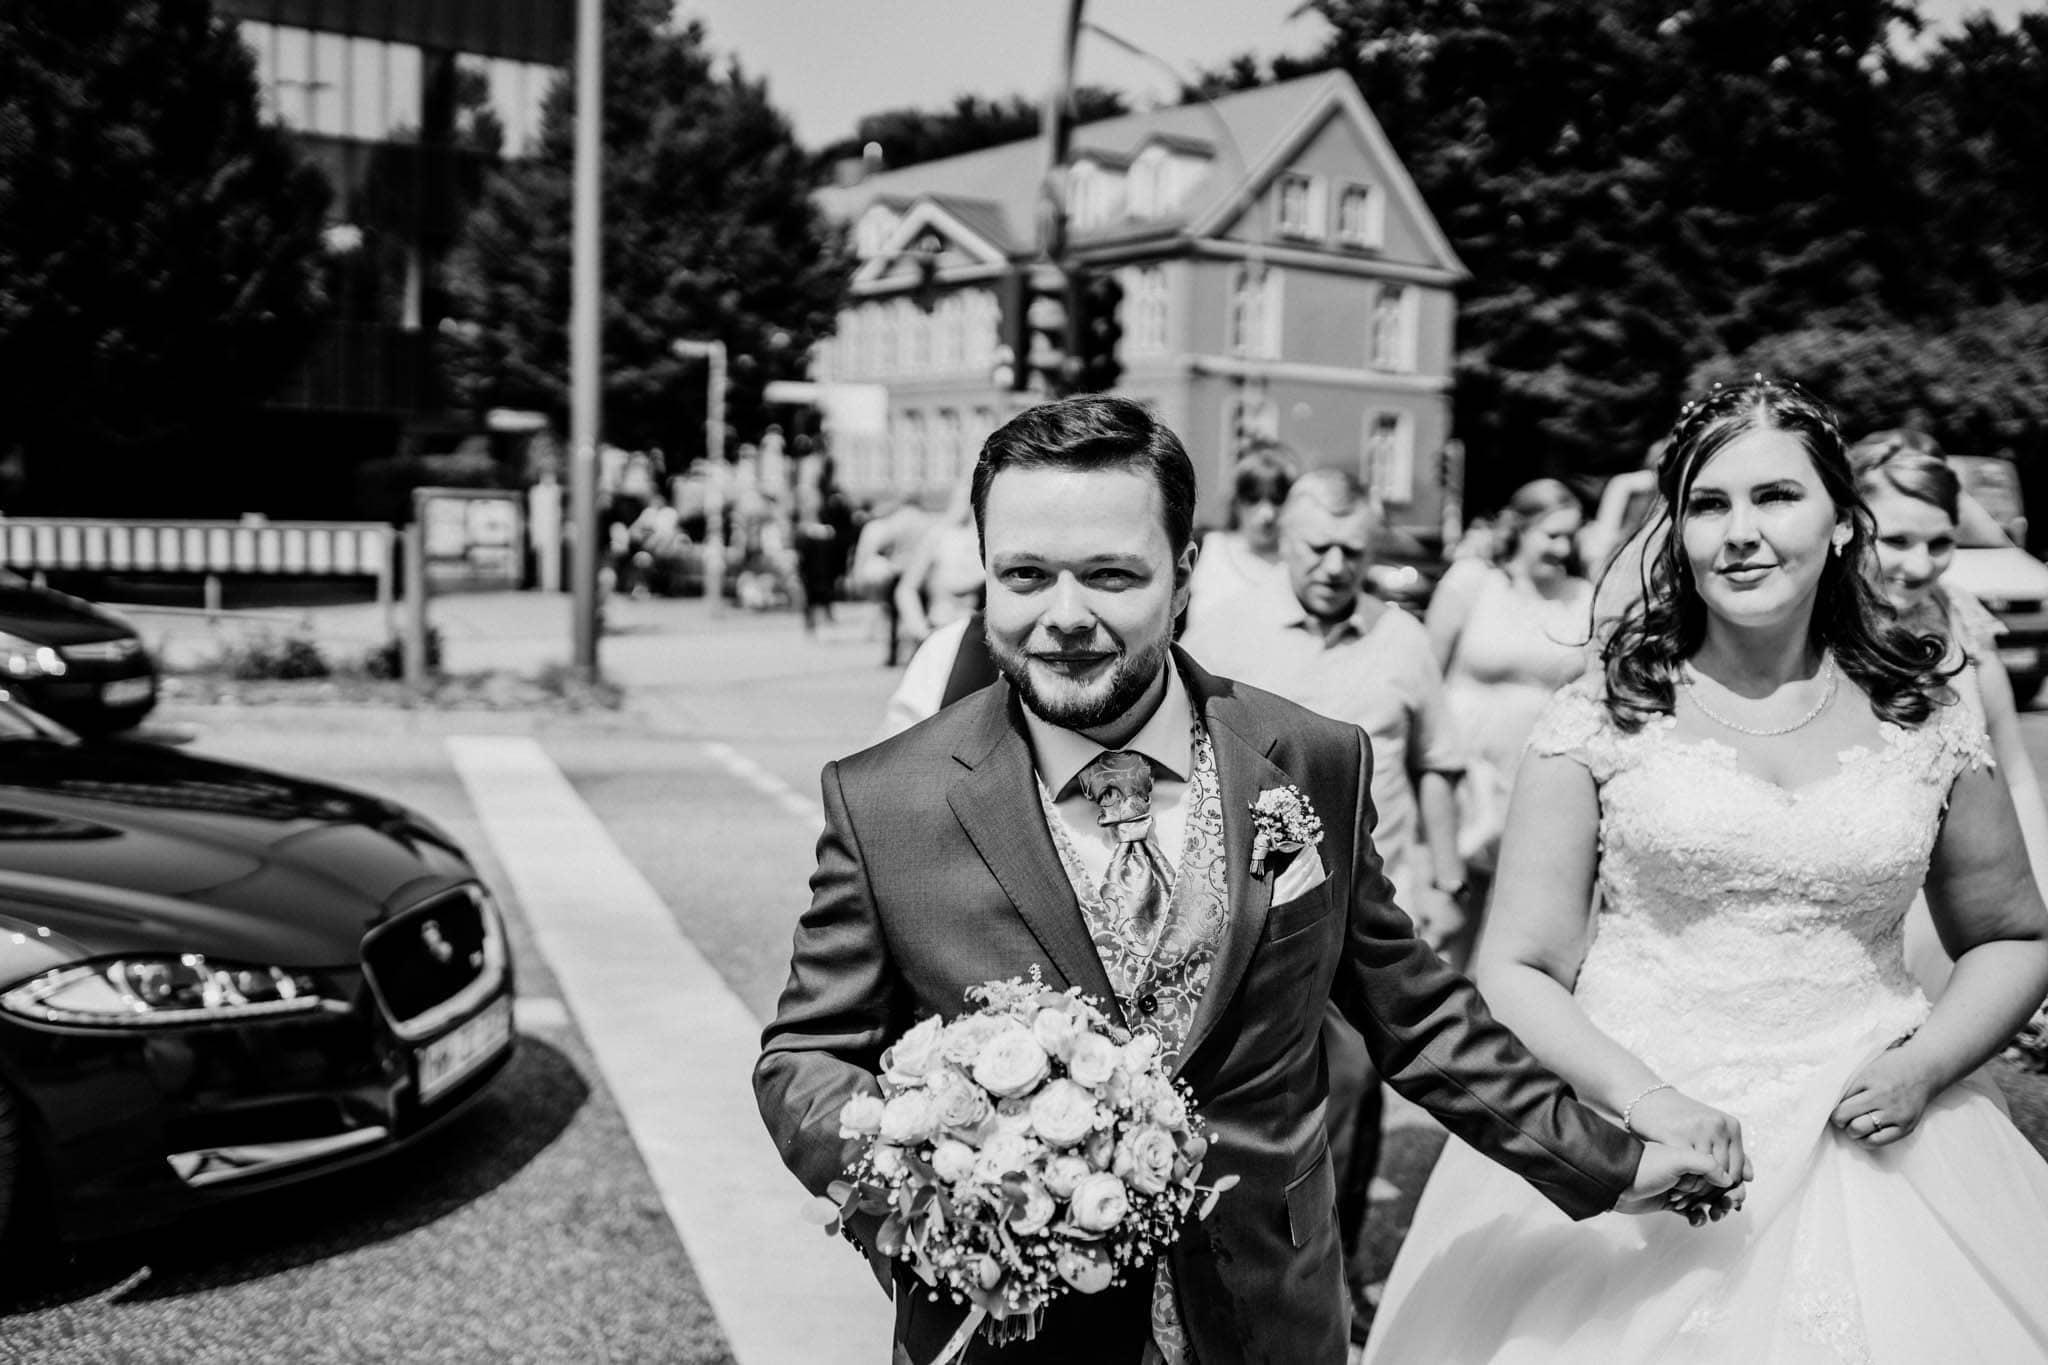 Hochzeitsfieber by Photo-Schomburg, Hochzeitsfotograf, Hamburg, Altona, wedding, Standesamt Altona, Appen, Hochzeitsshooting, Hochzeitstag, Brautpaar-57